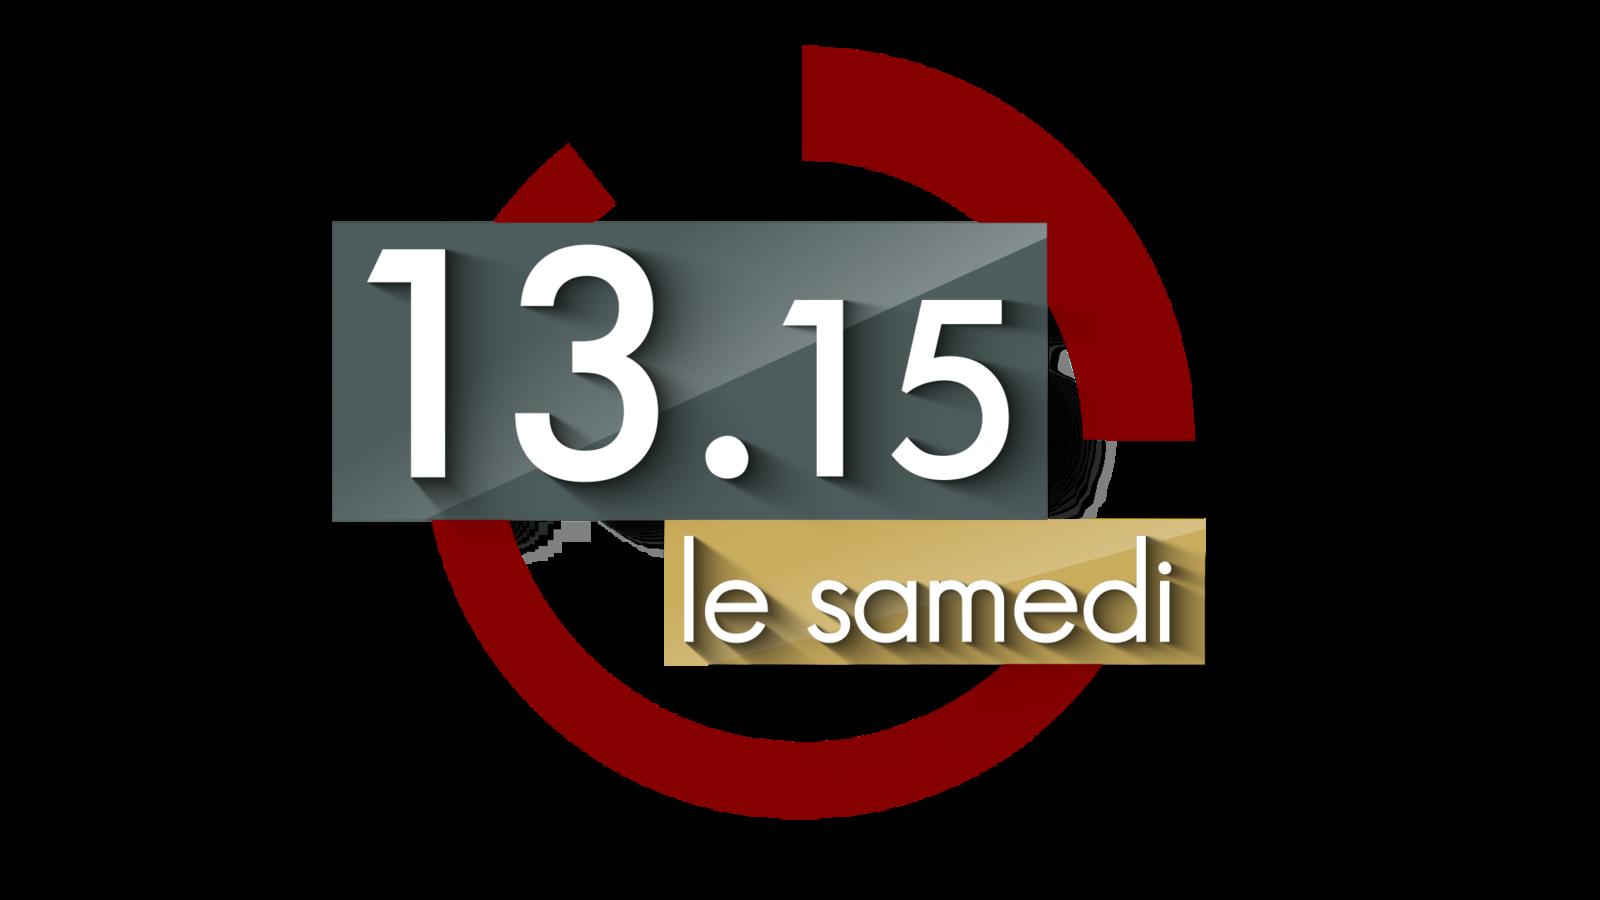 Grand froid et pauvreté : les récits de Pierrette et Yves ce samedi à 13h15 sur France 2.